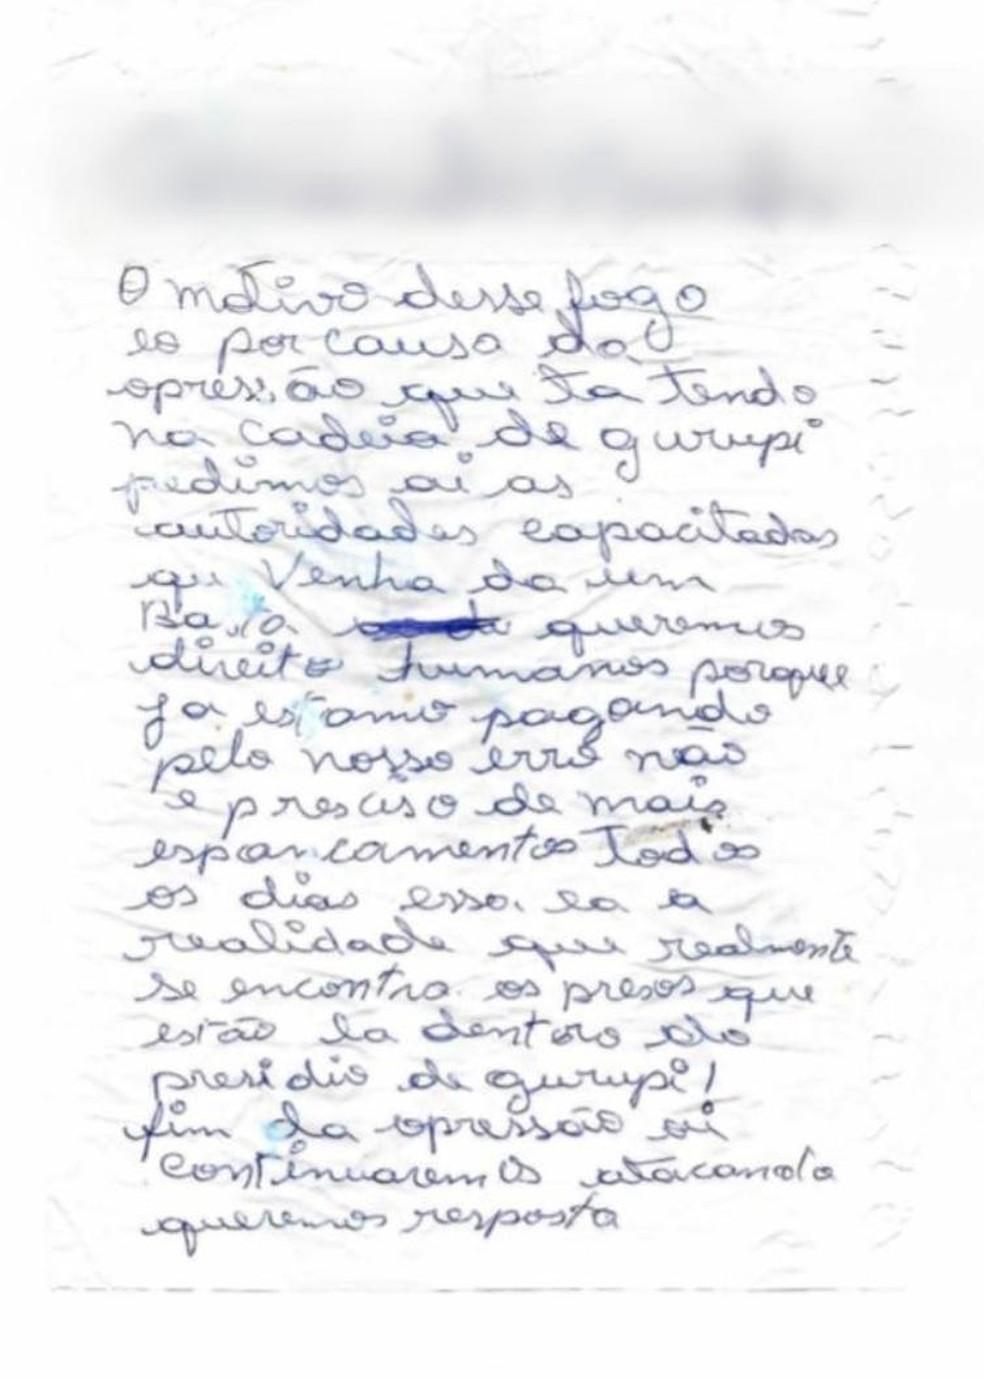 Carta com ameaça de novos ataques foi deixada no local do crime — Foto: Divulgação